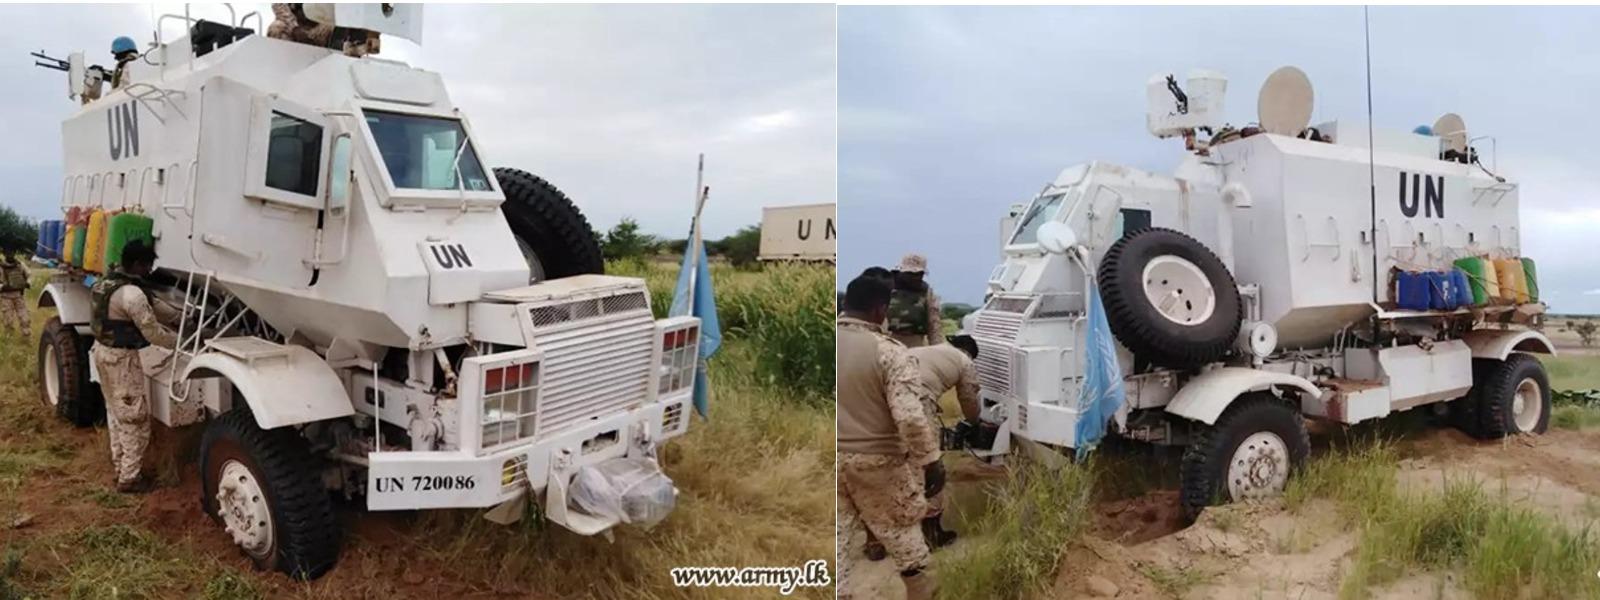 Army-Produced Unibuffels Undergo Acclimatization Trials in Mali